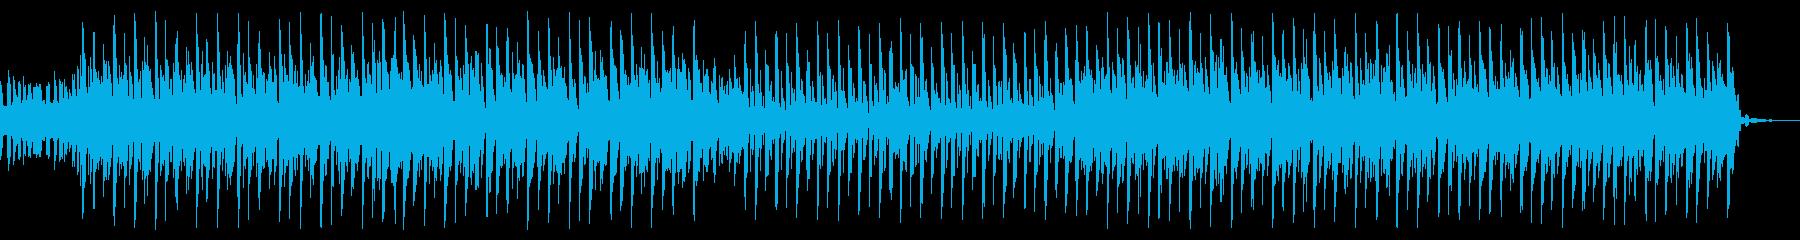 明るいテクノサウンドの再生済みの波形